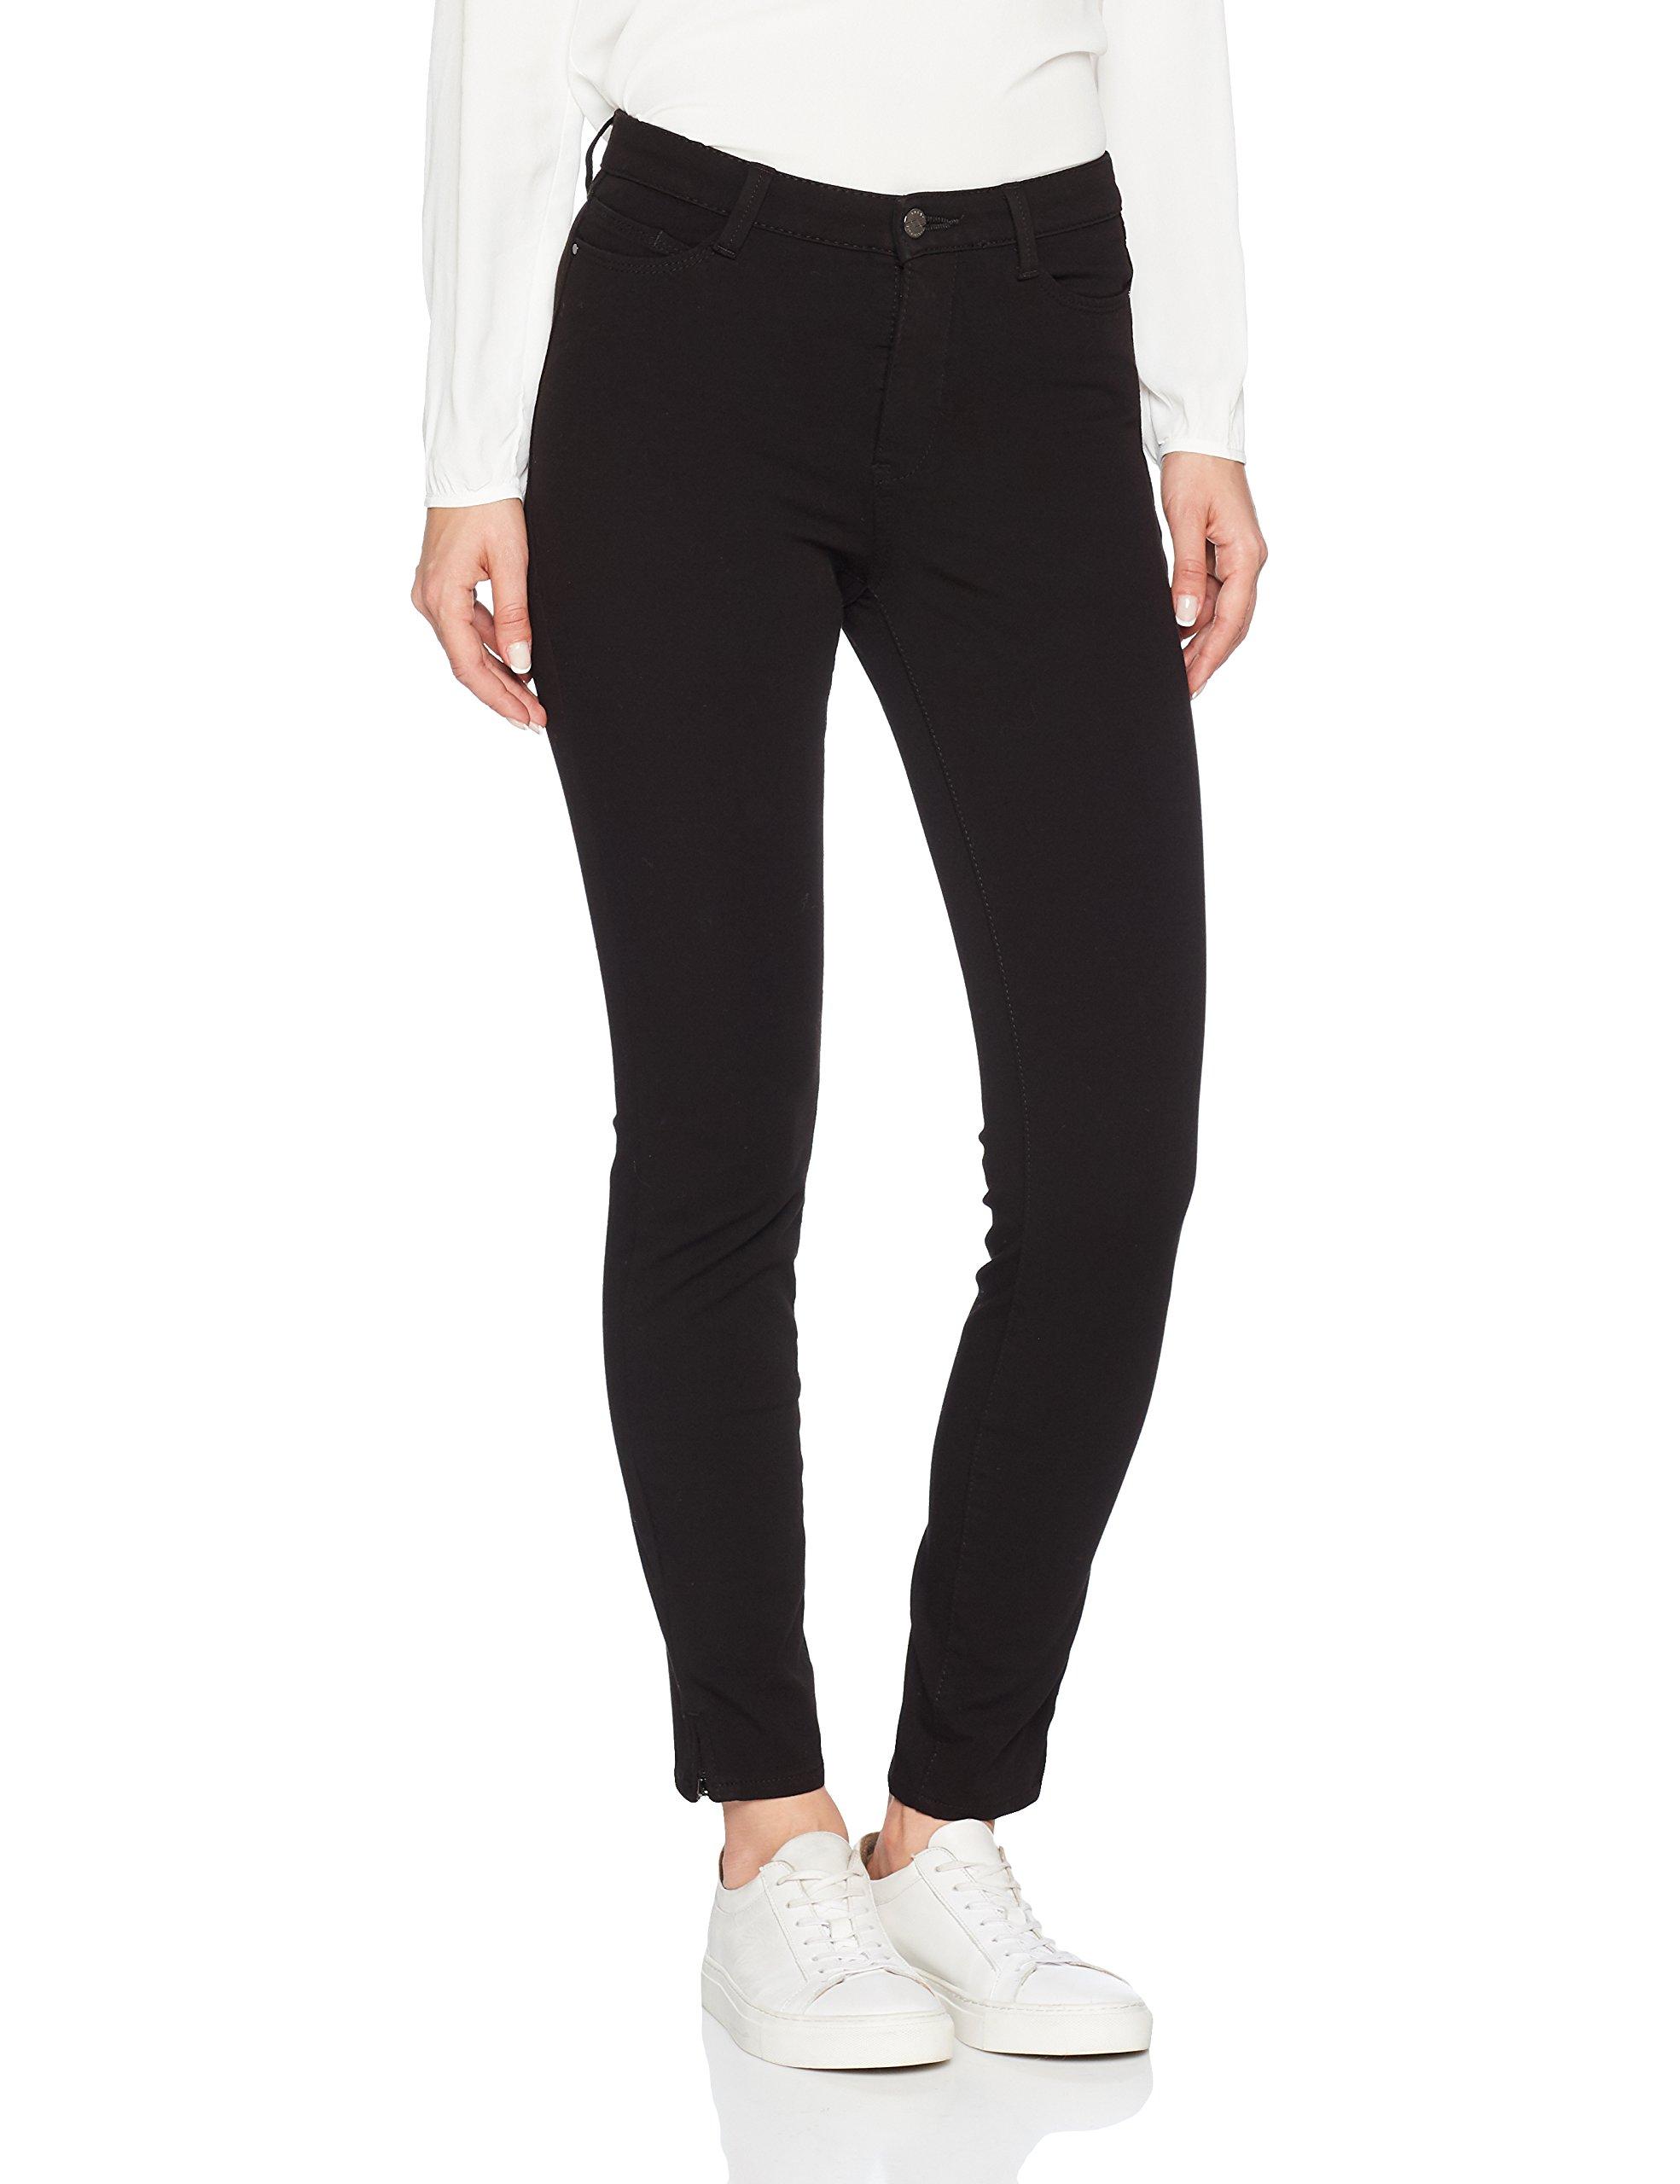 X FemmeNoirblack Mac SensationJean Slim 29l D99932w c3Rjq45AL